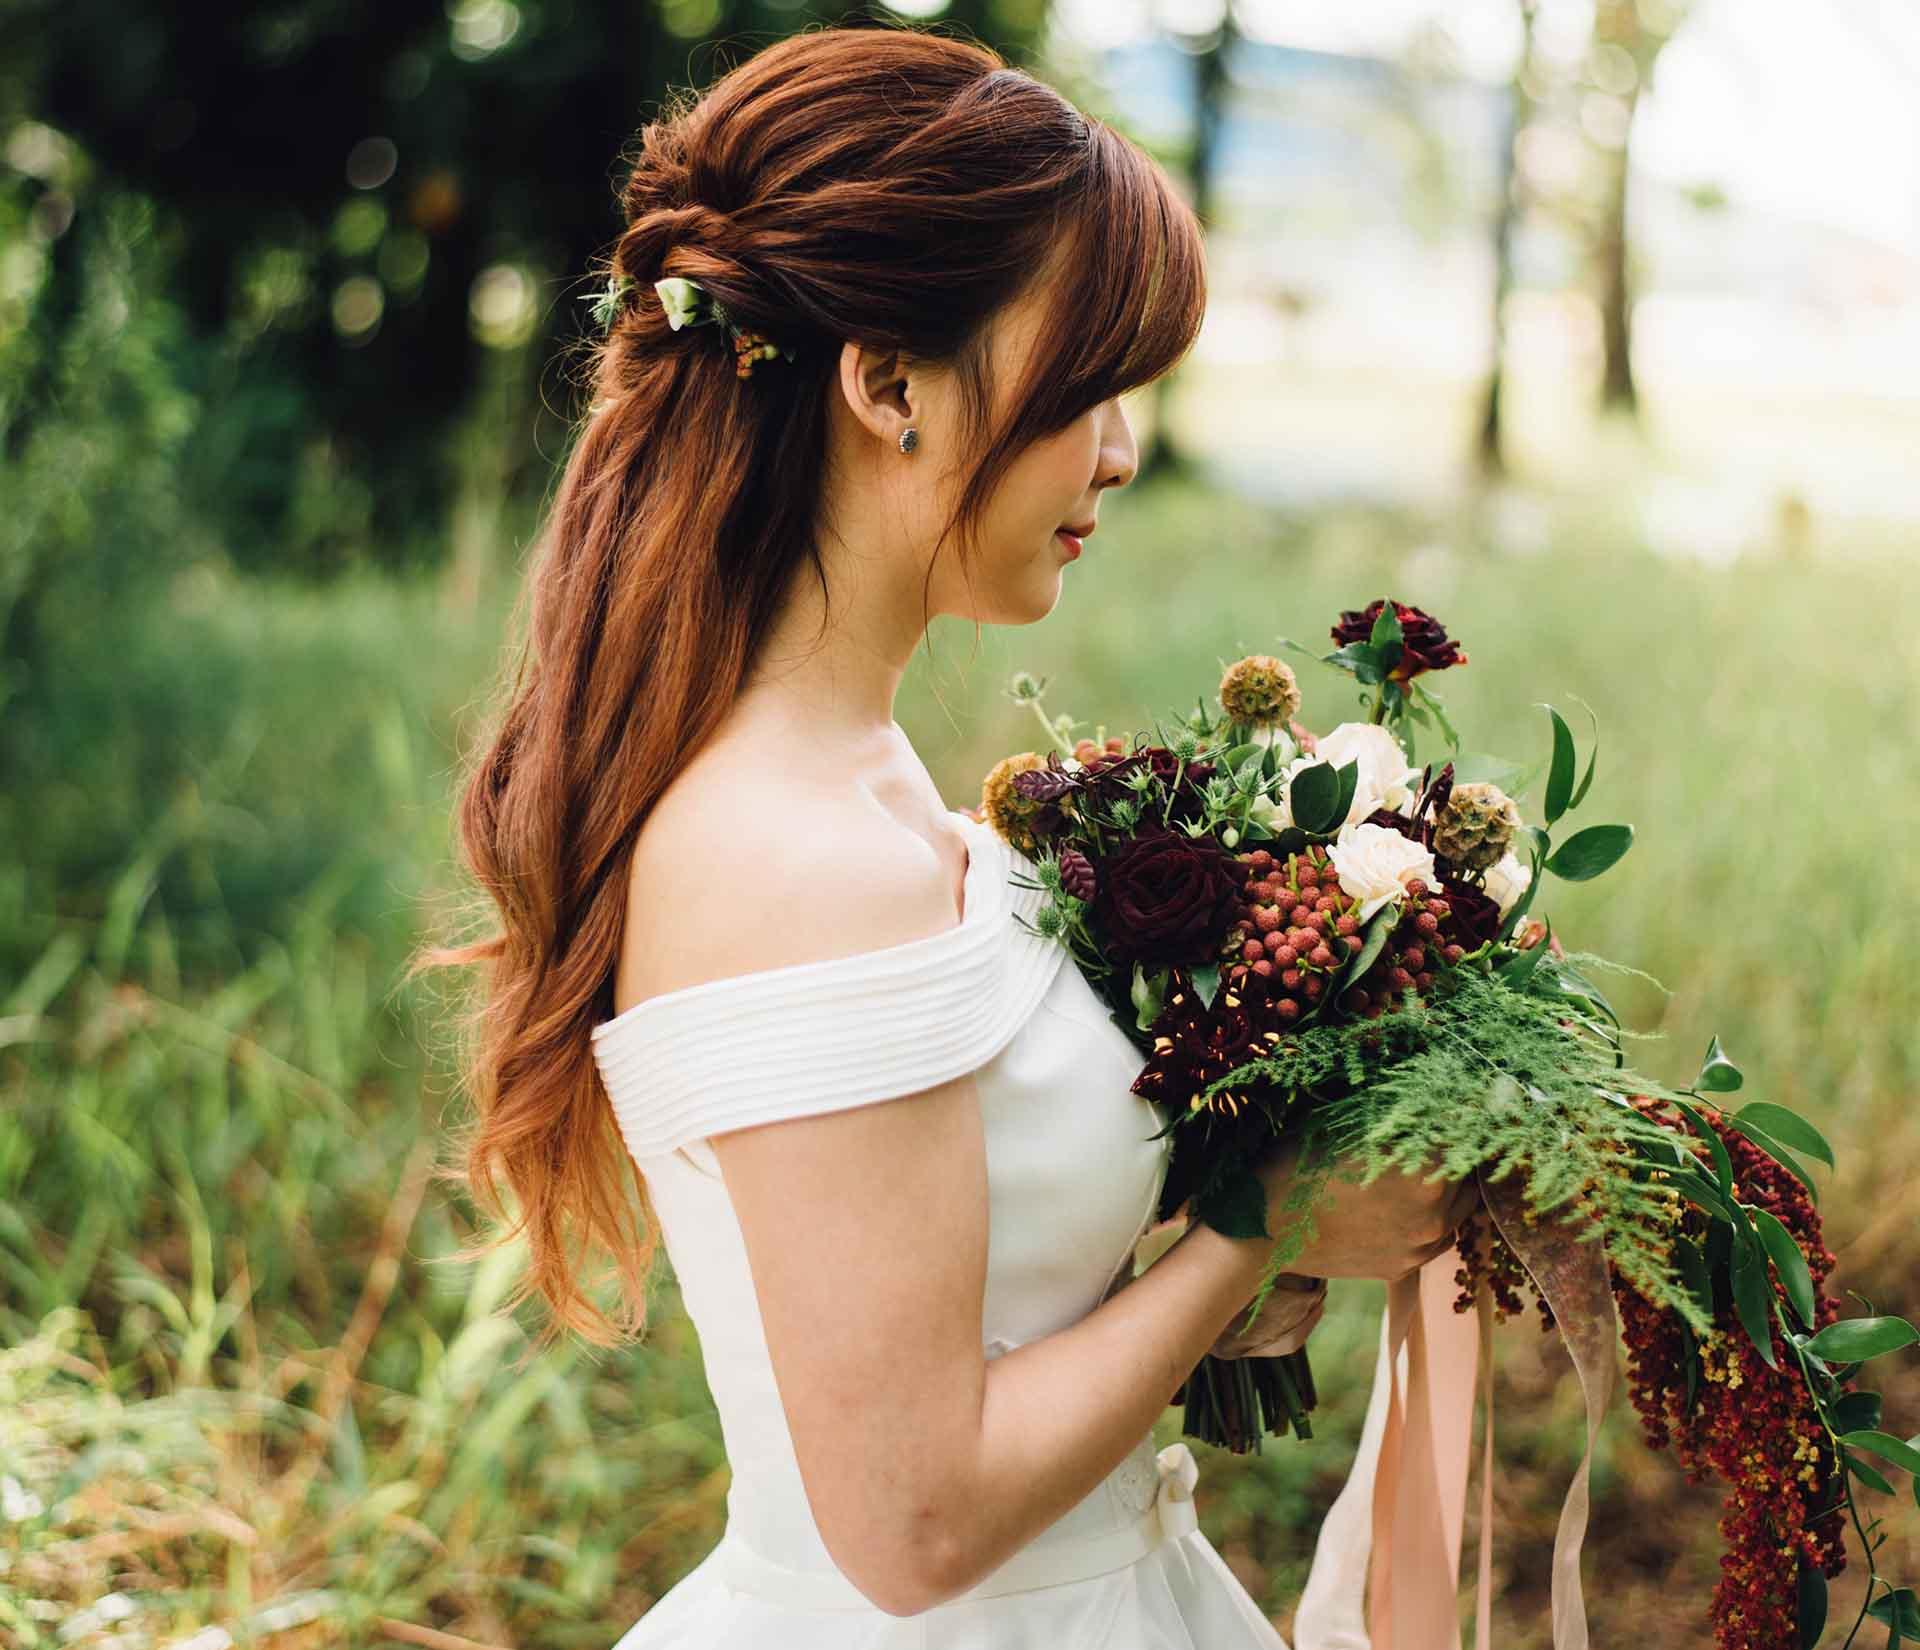 Martina Lizzani Beauty Image Lab MakeUp Artist Roma Hair Stylist Consulenza Immagine 08b